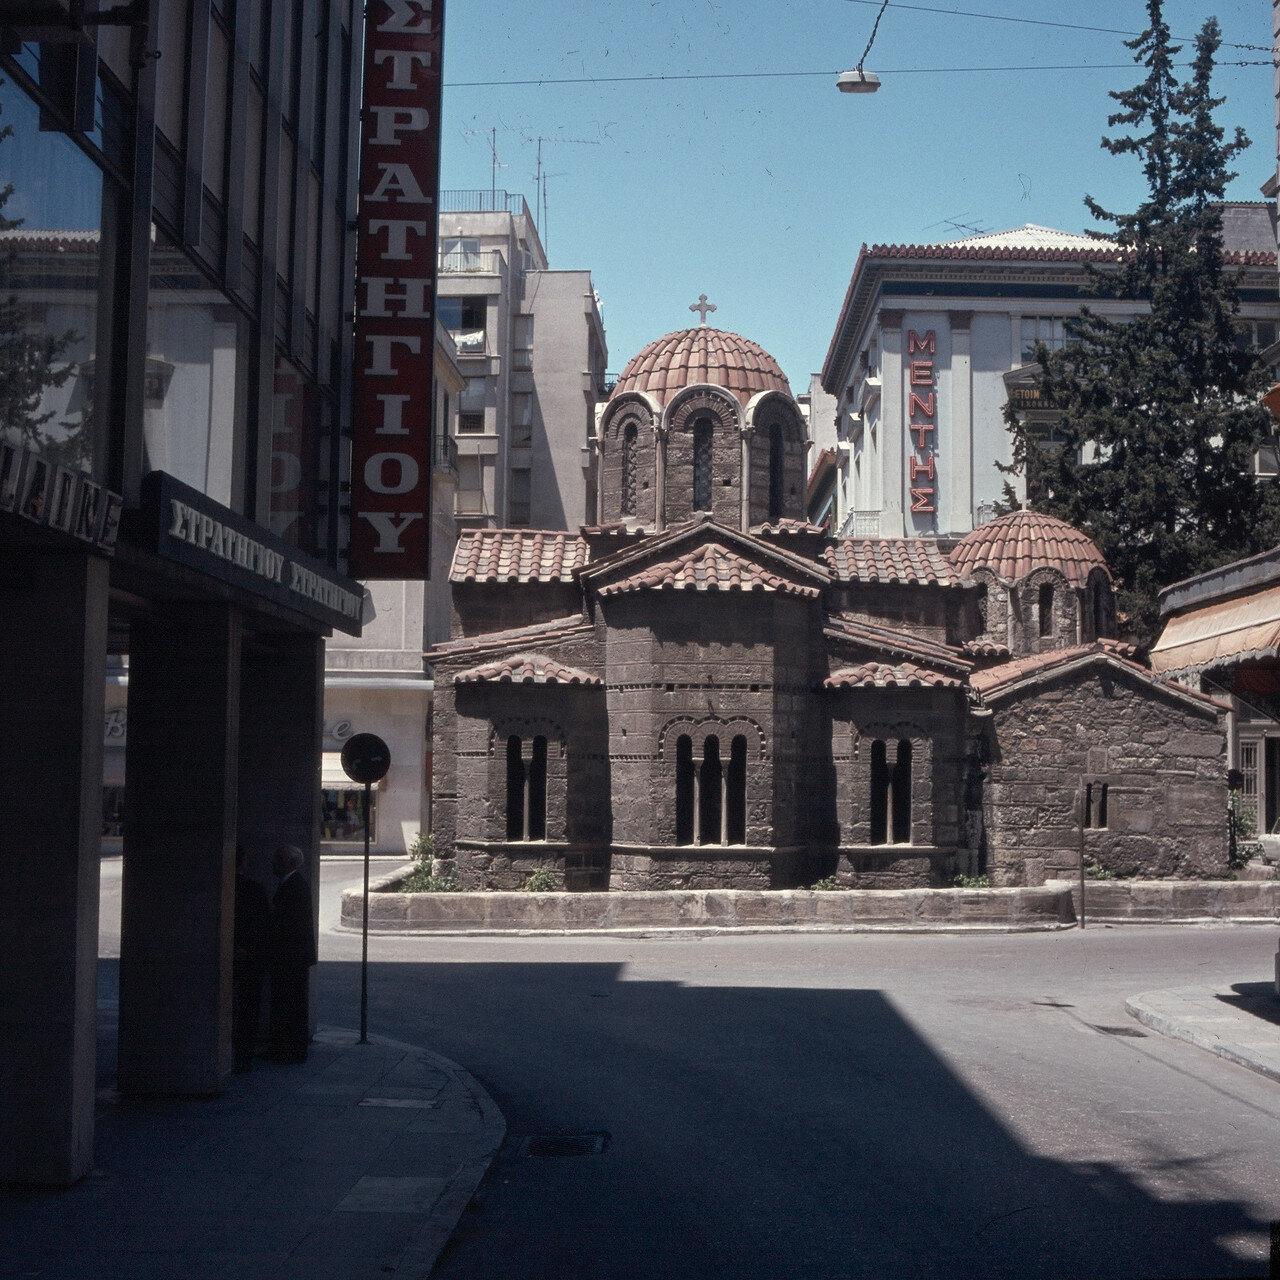 1971. Афины. Улица Эрму. Церковь Богородицы Капникареи с востока